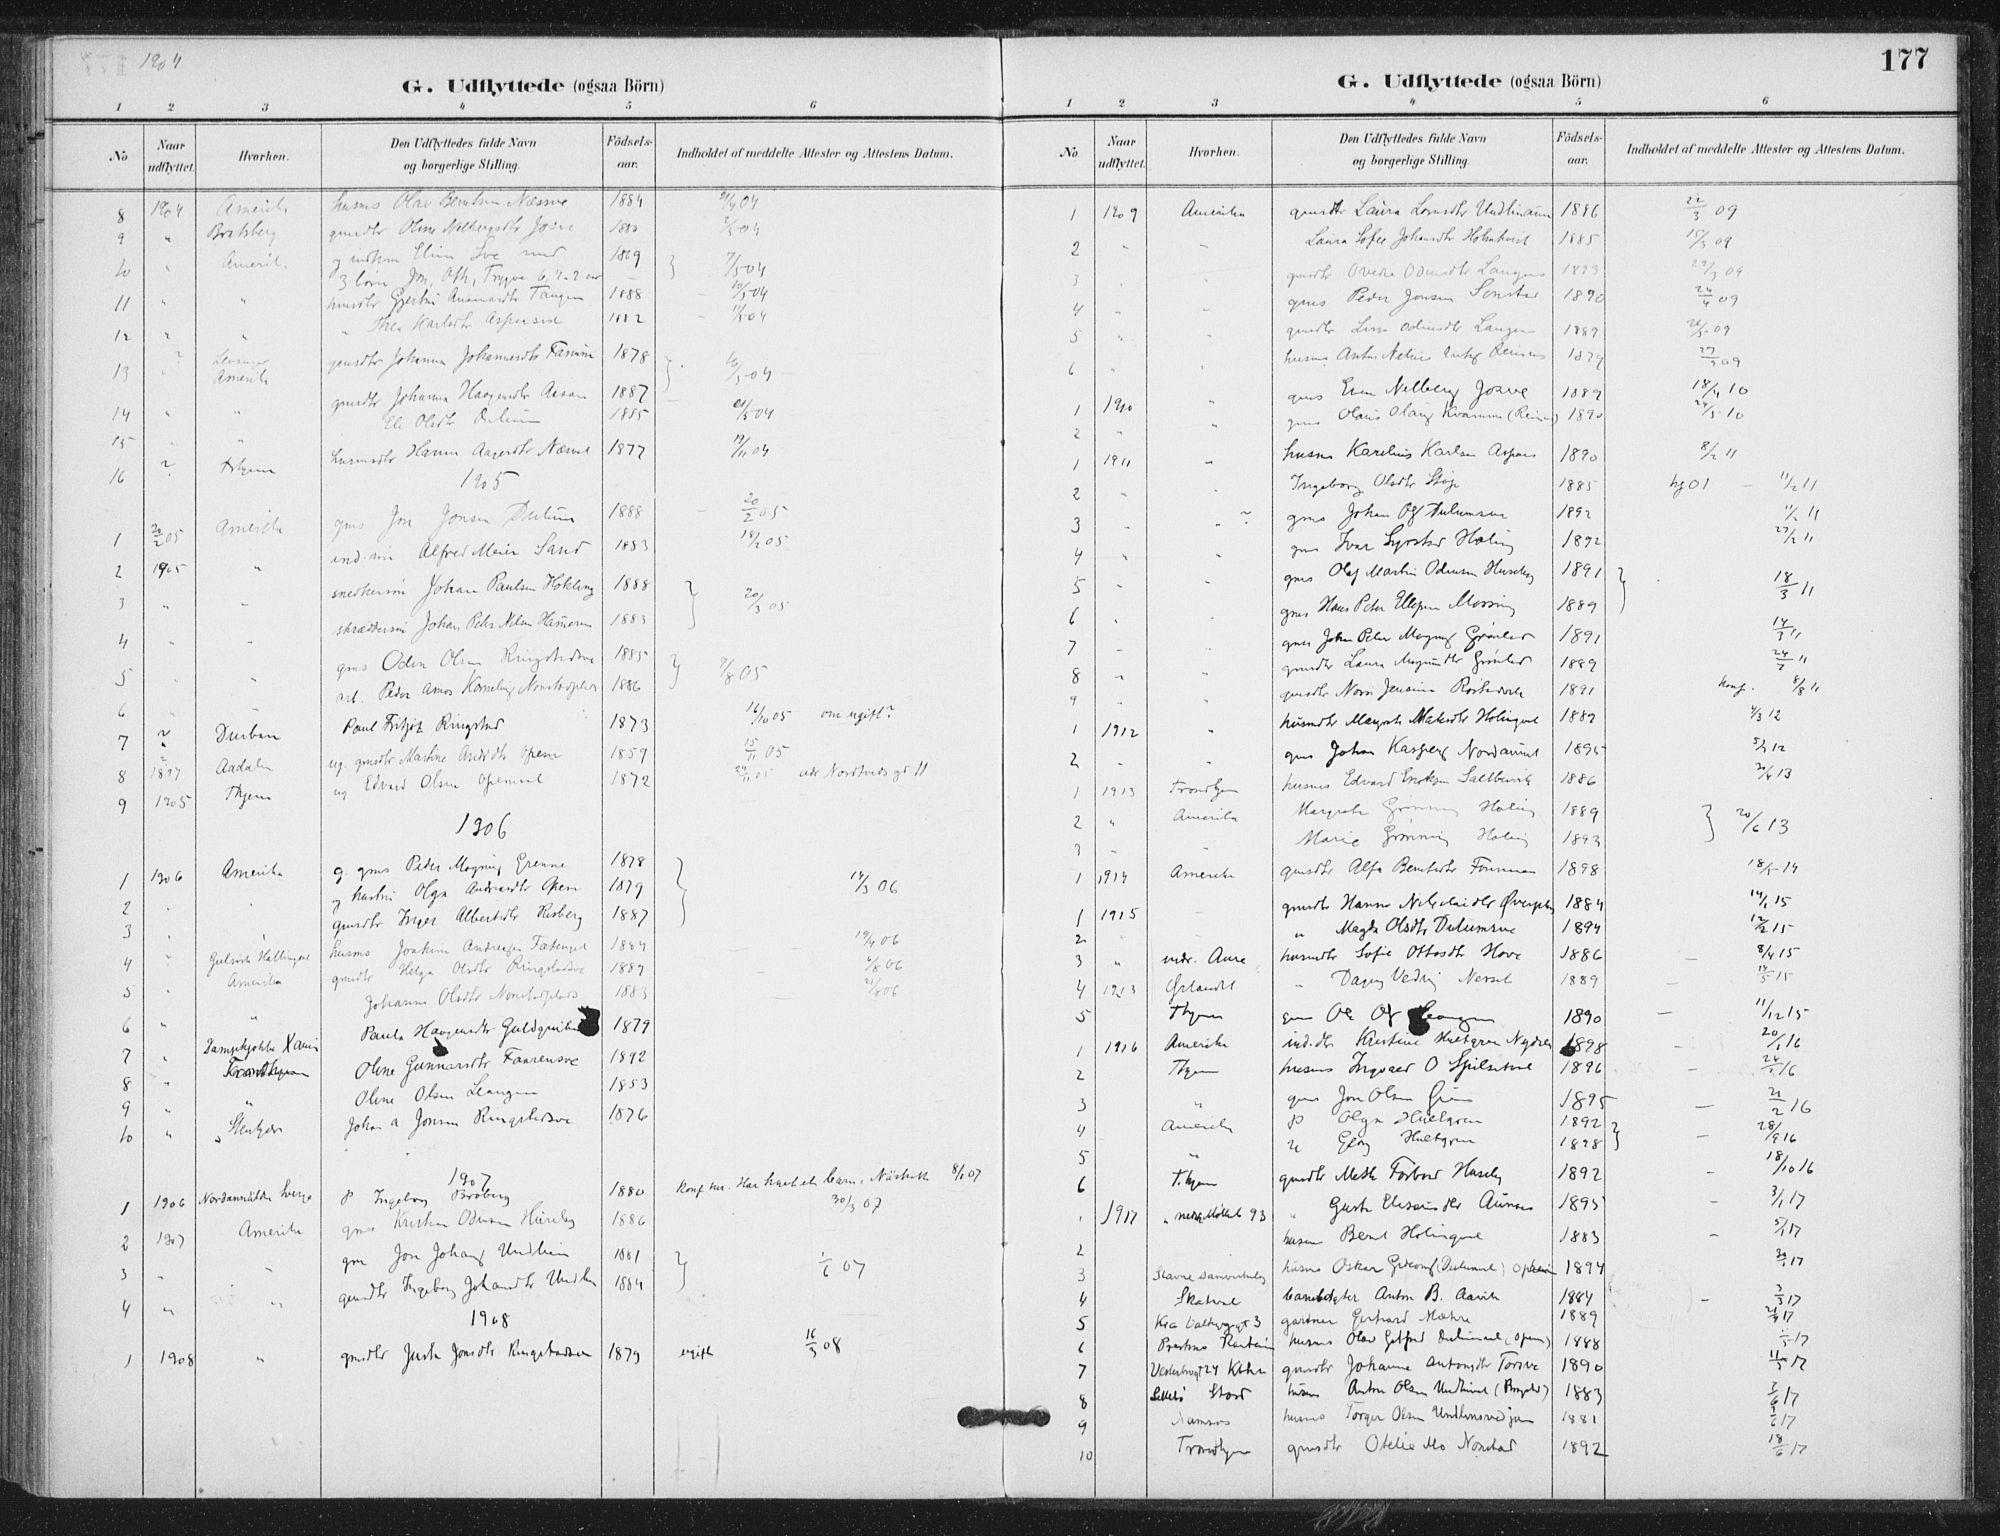 SAT, Ministerialprotokoller, klokkerbøker og fødselsregistre - Nord-Trøndelag, 714/L0131: Ministerialbok nr. 714A02, 1896-1918, s. 177